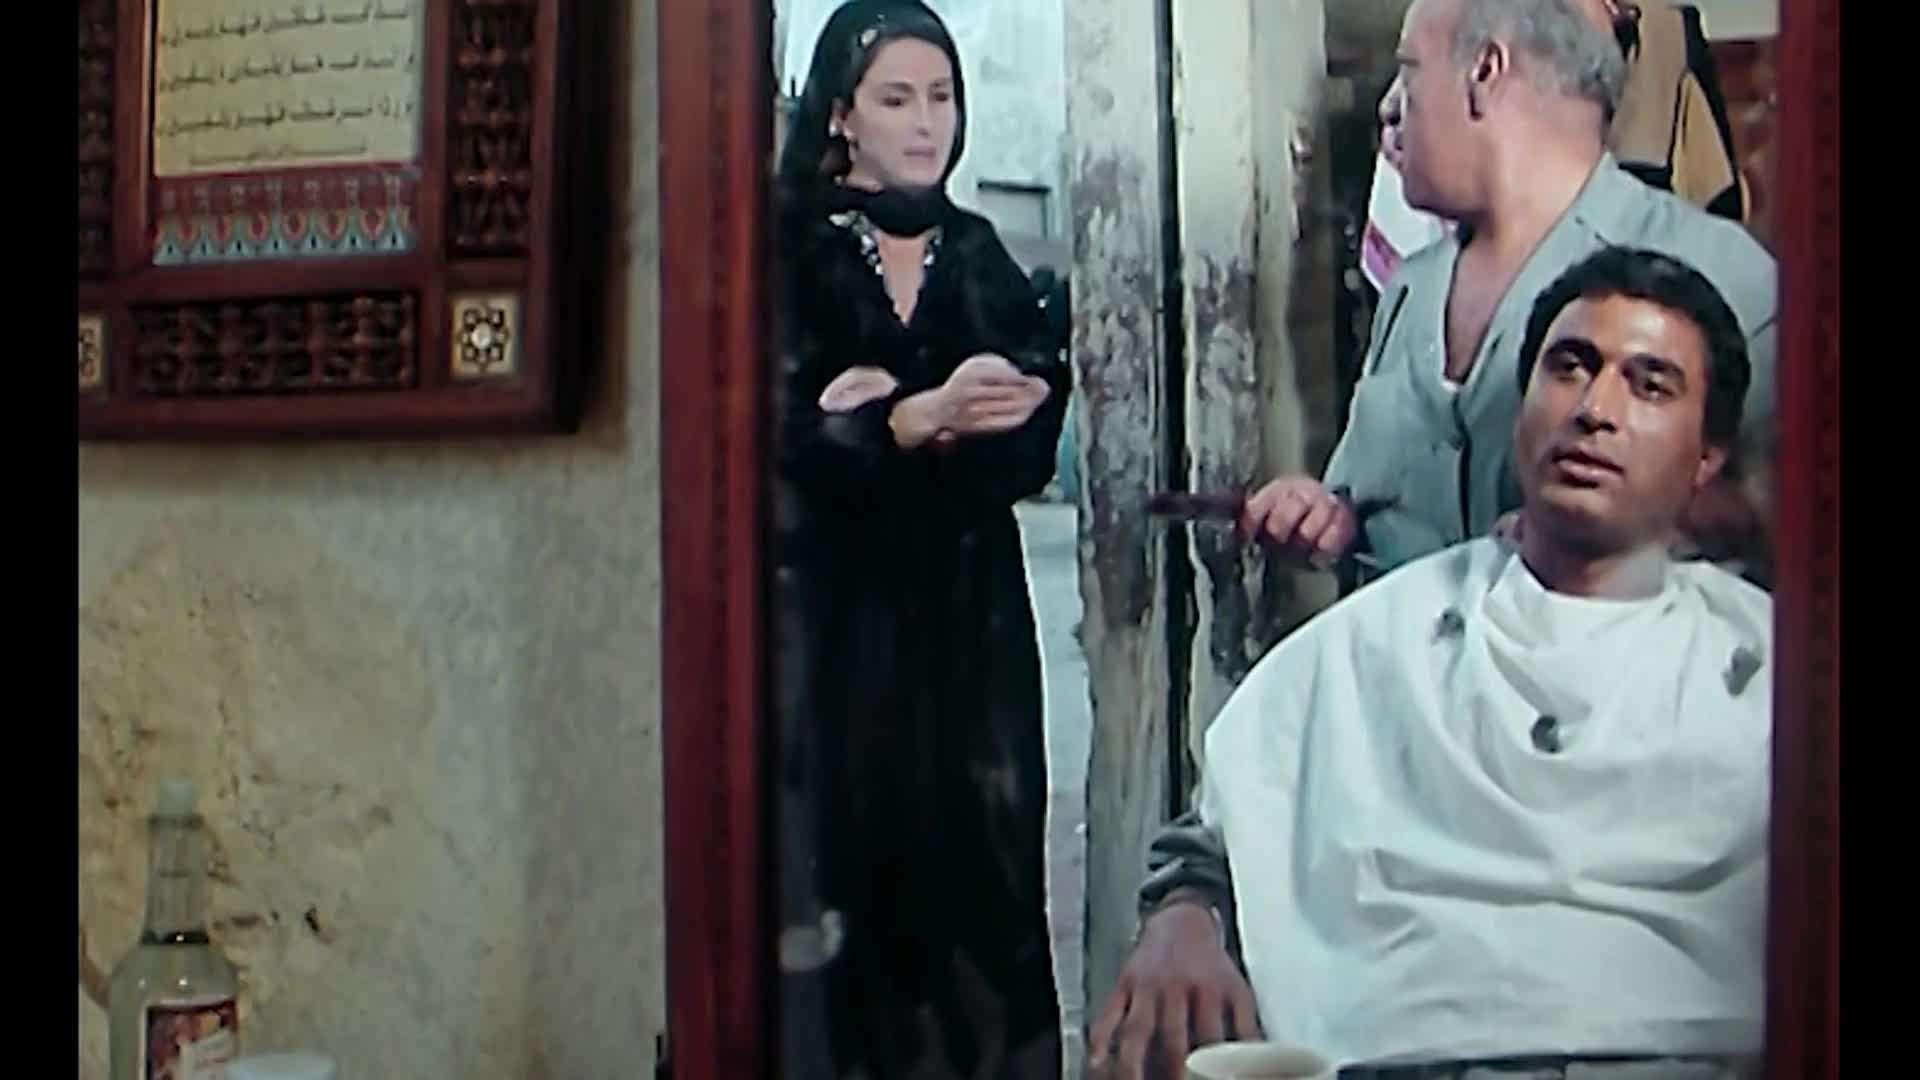 [فيلم][تورنت][تحميل][أحلام هند وكاميليا][1988][1080p][Web-DL] 7 arabp2p.com